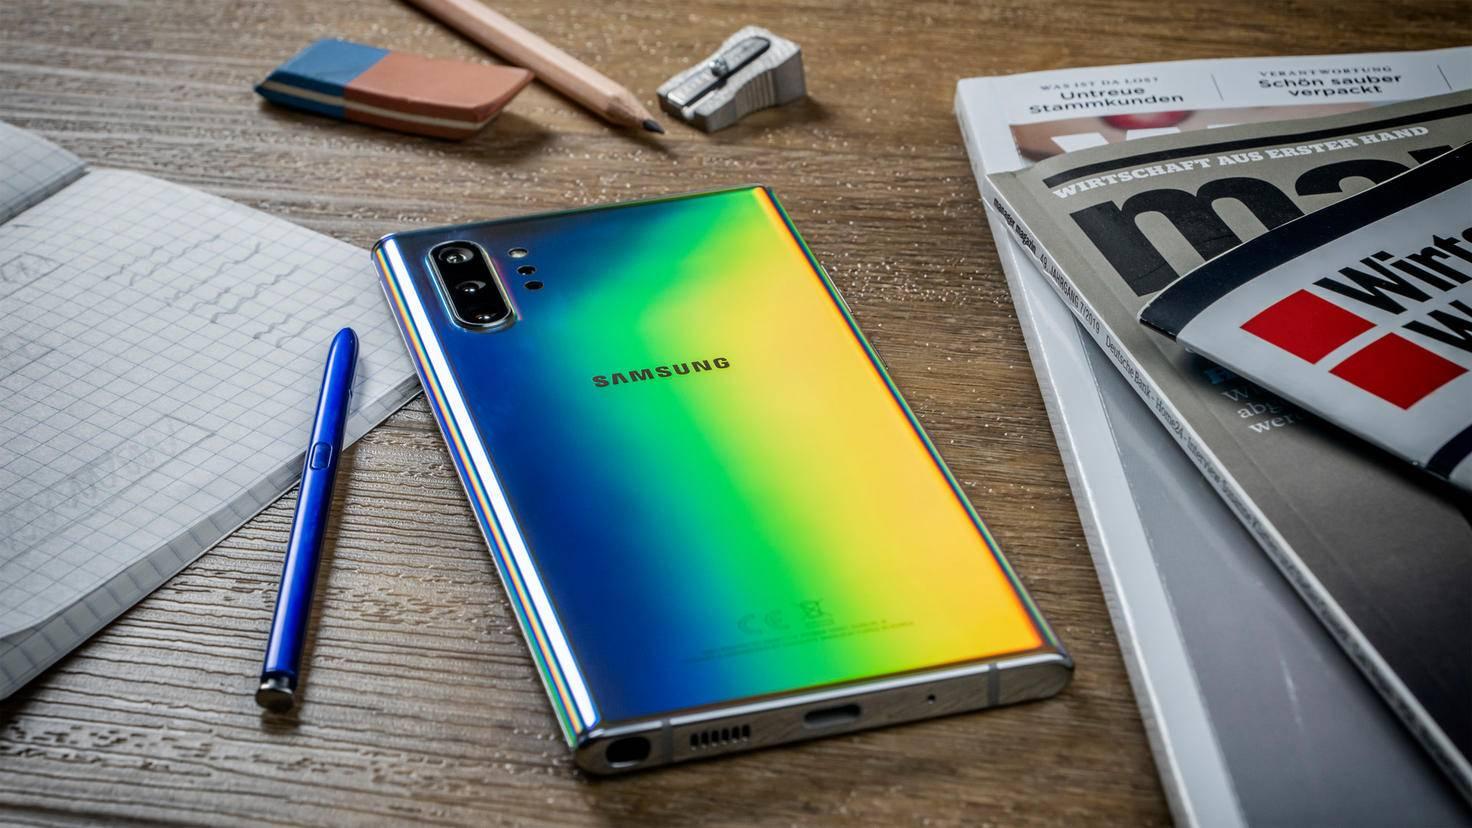 Galaxy Note 10 Plus neben Stift und Zeitungen